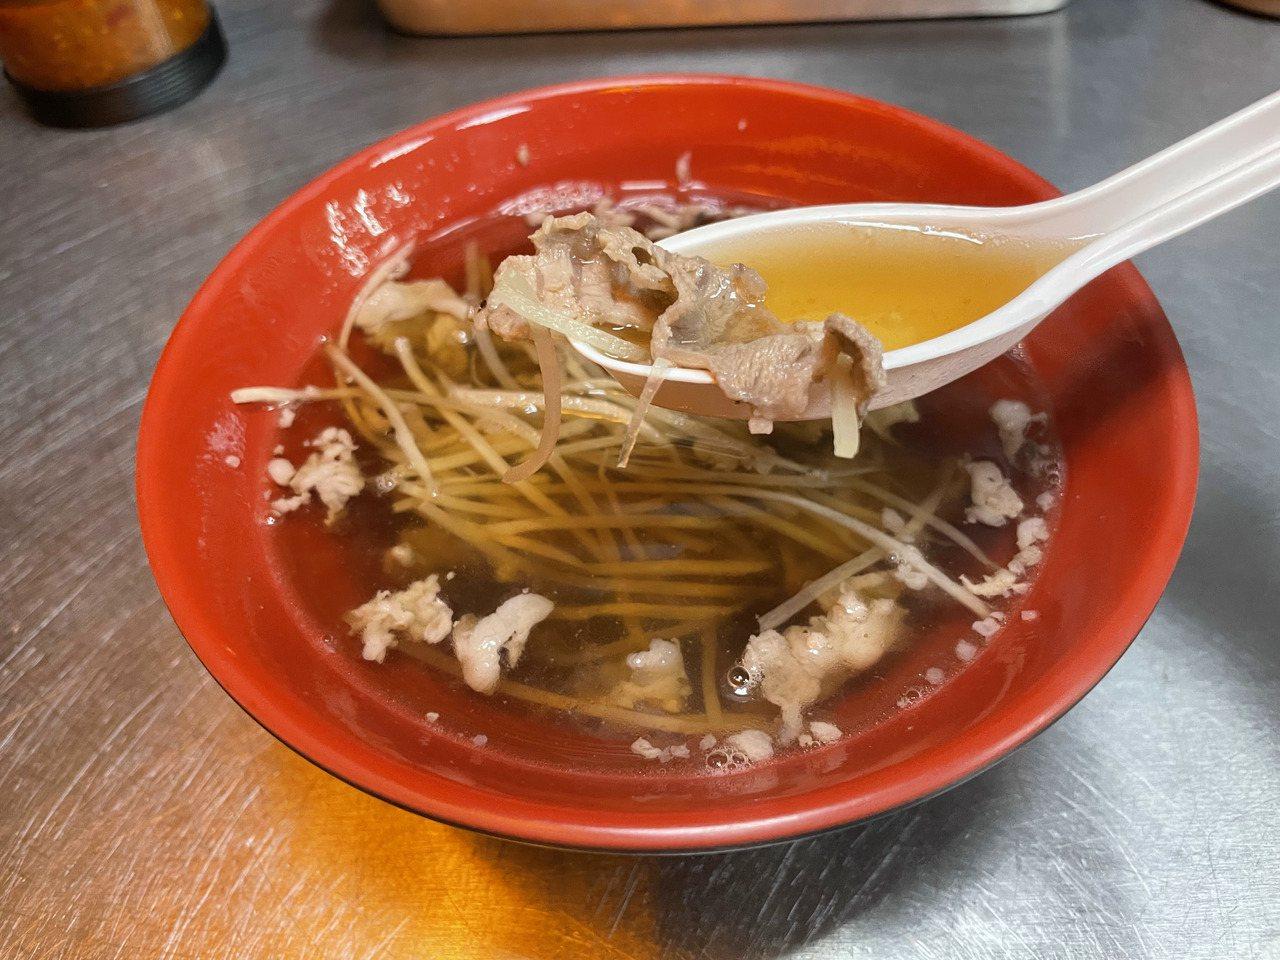 「渡三餐」的當歸羊肉湯清爽回甘,羊肉軟嫩,藥材味濃淡適中。 圖/楊湛華 攝影